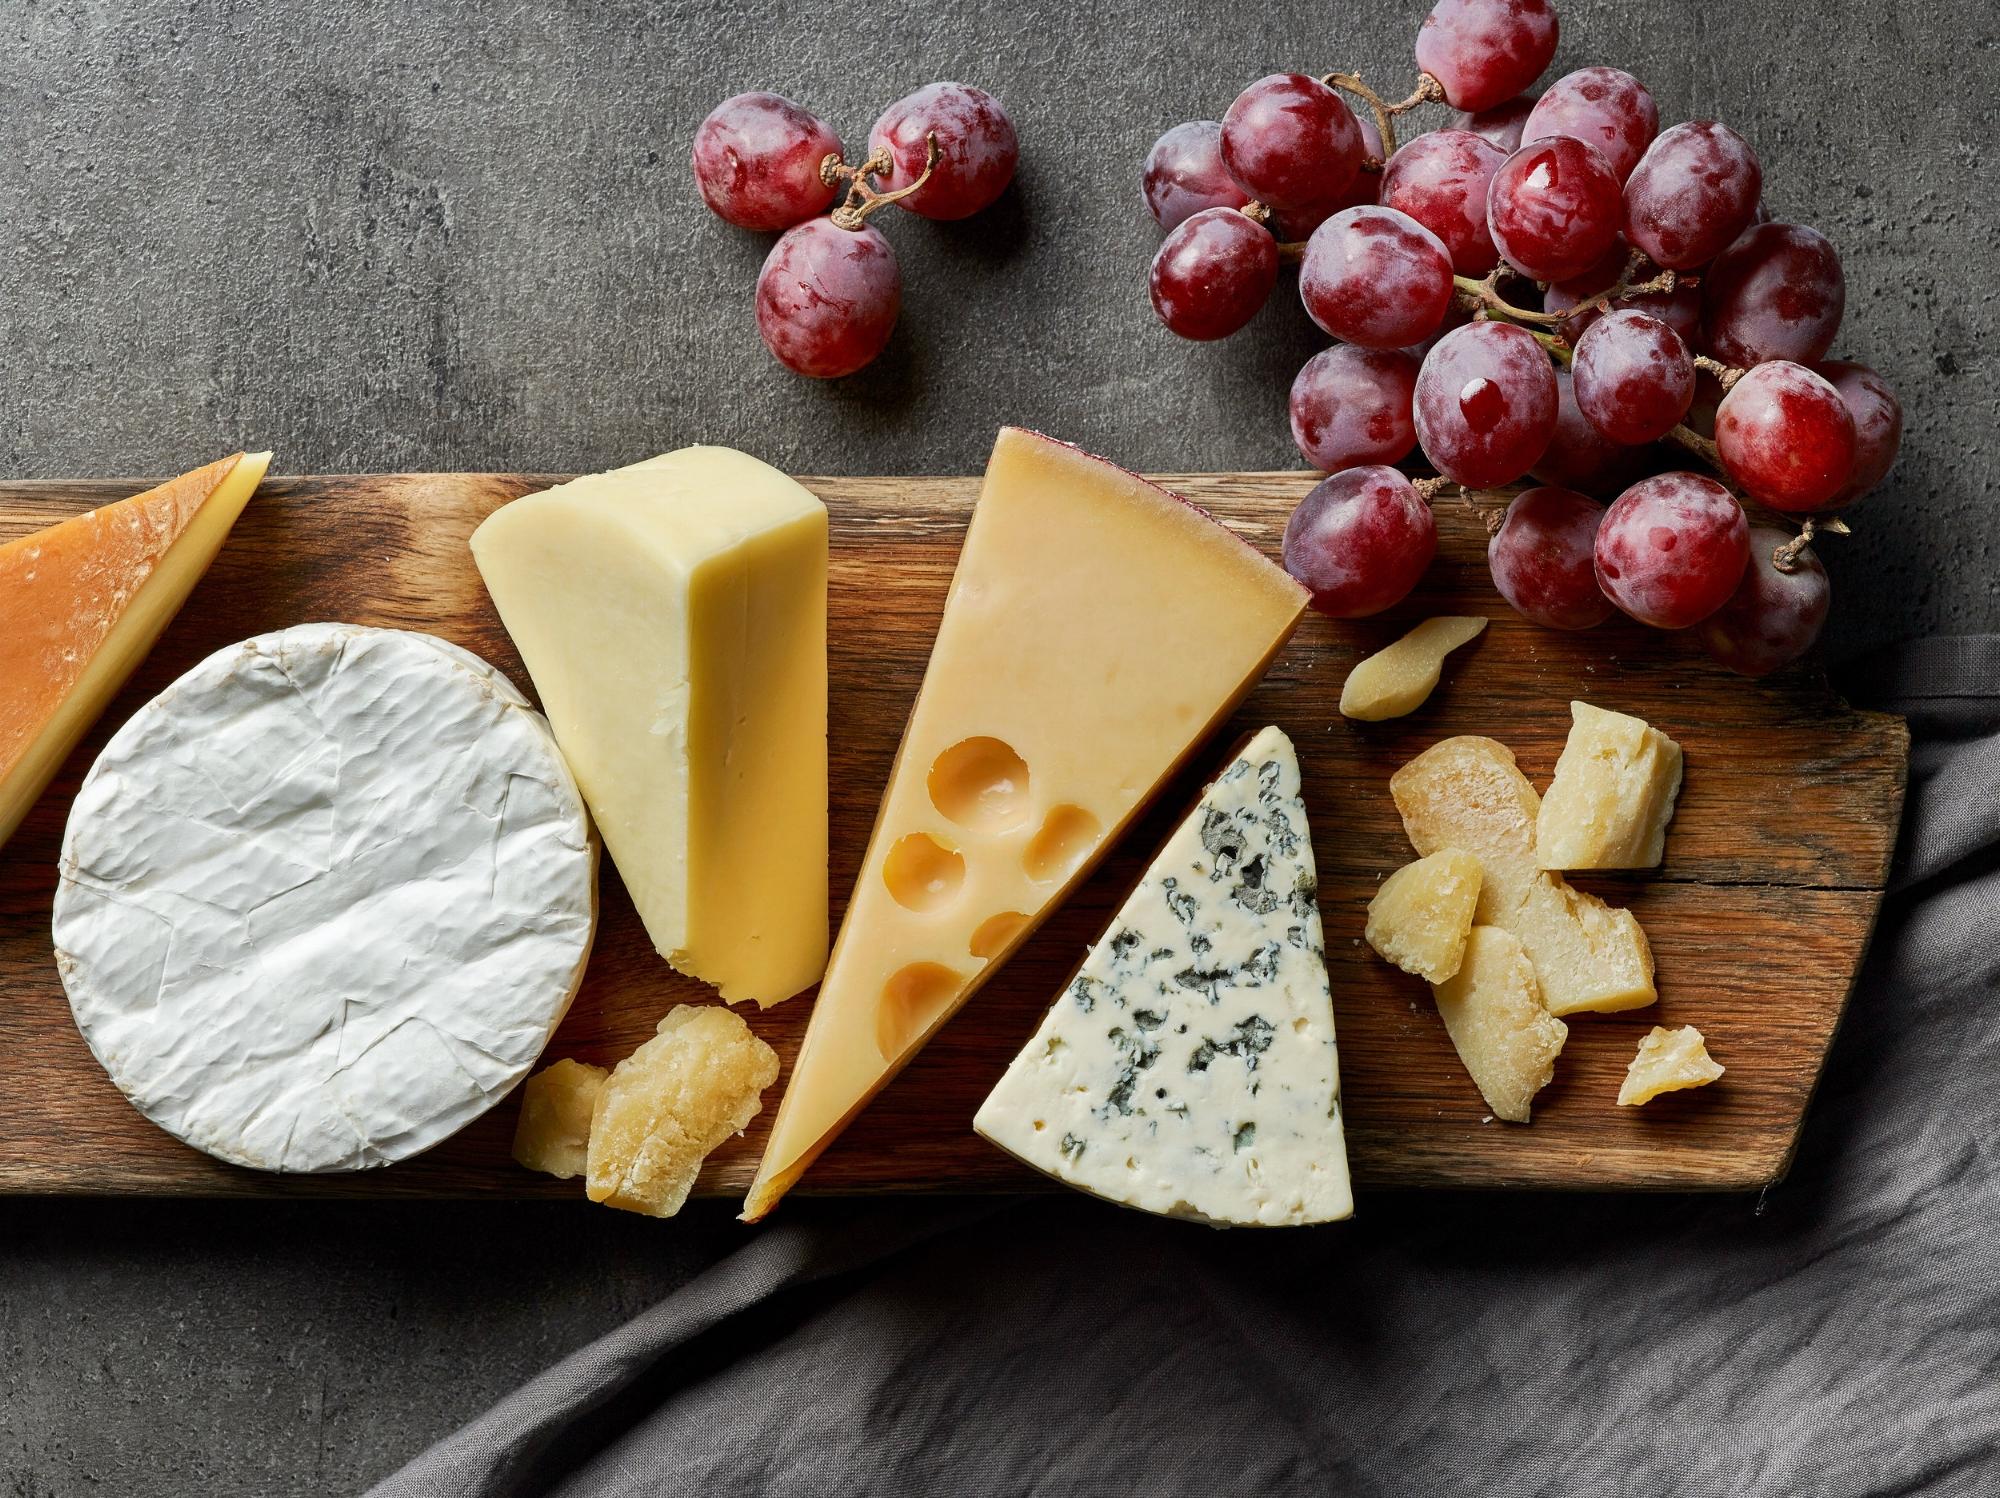 Juusto - Tuotteita mozzarellasta vuohenjuustoon ja erilaisiin juustoraasteisiin